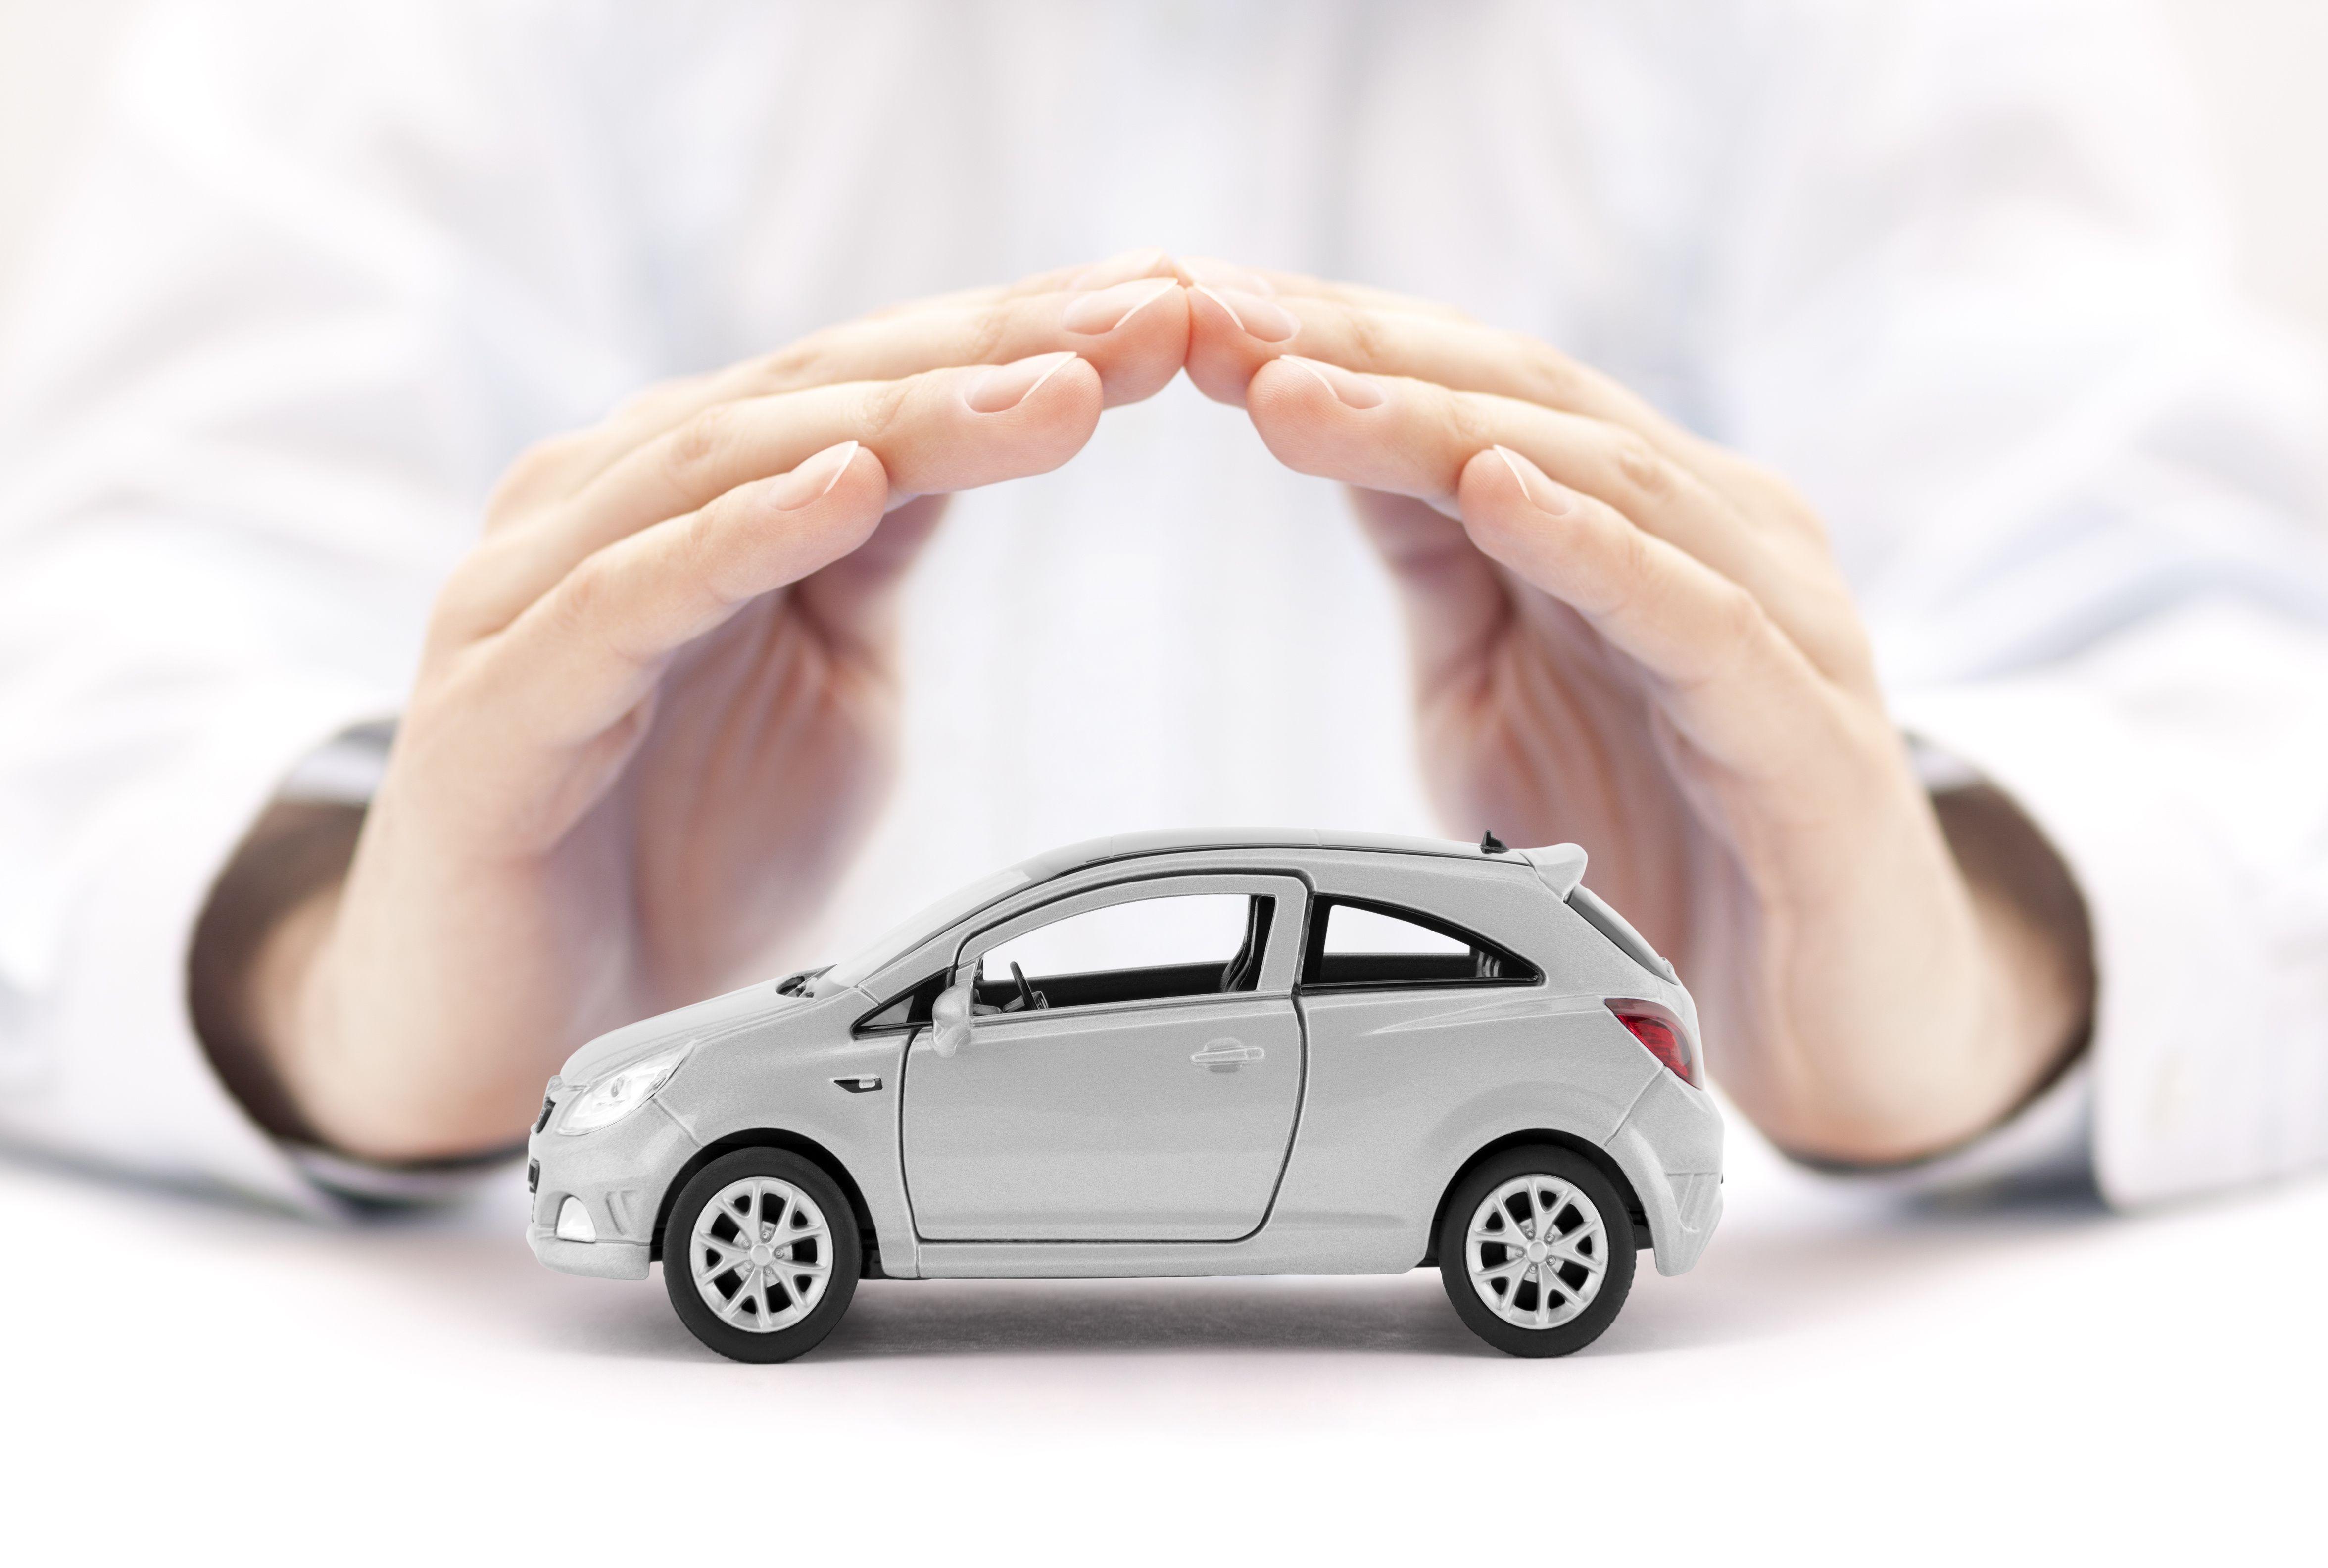 Auto Insurance Services In Marietta In 2020 Auto Insurance